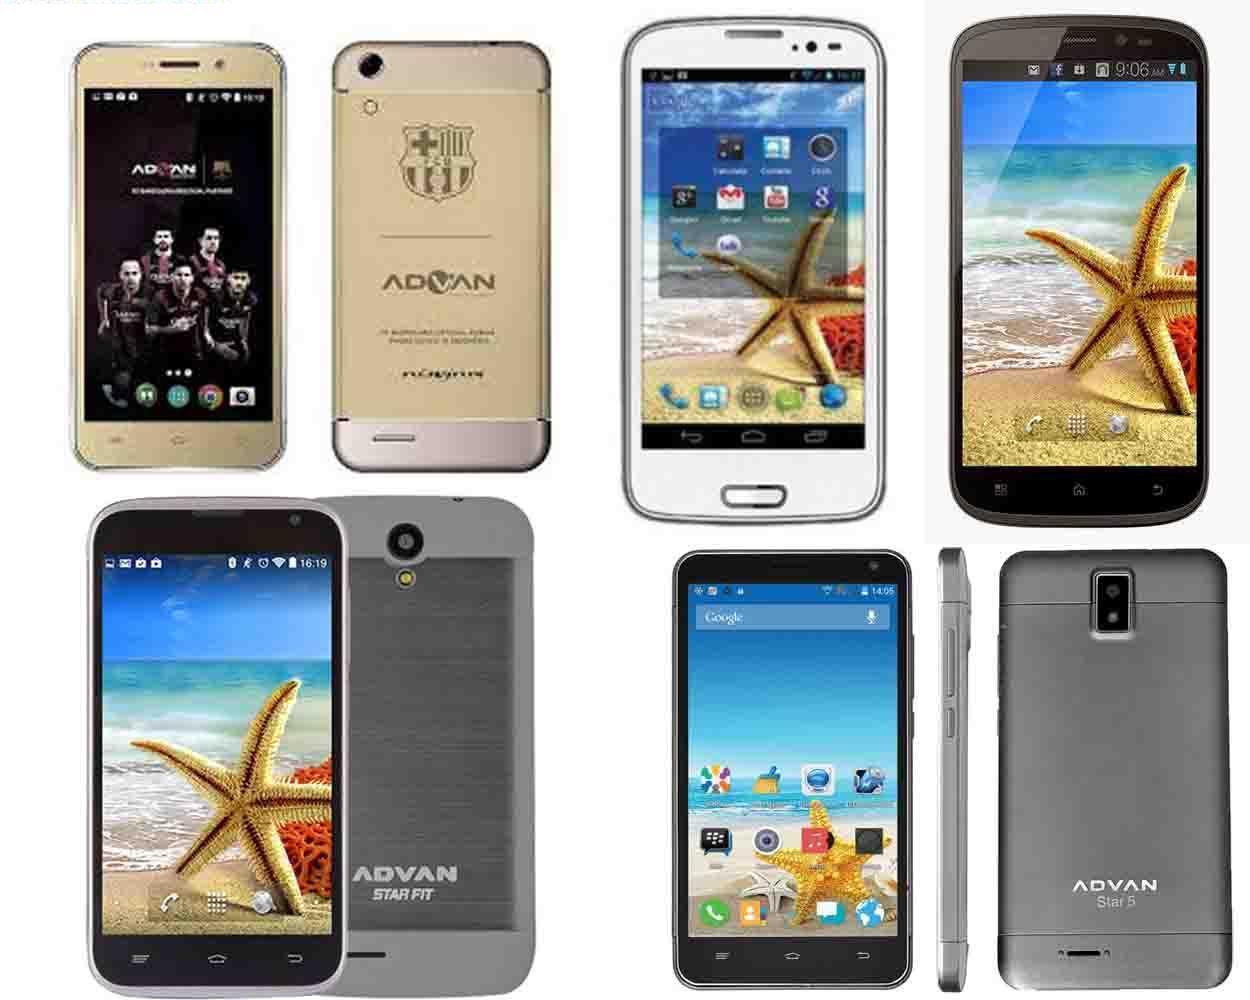 Daftar Harga HP Advan Android Terbaru